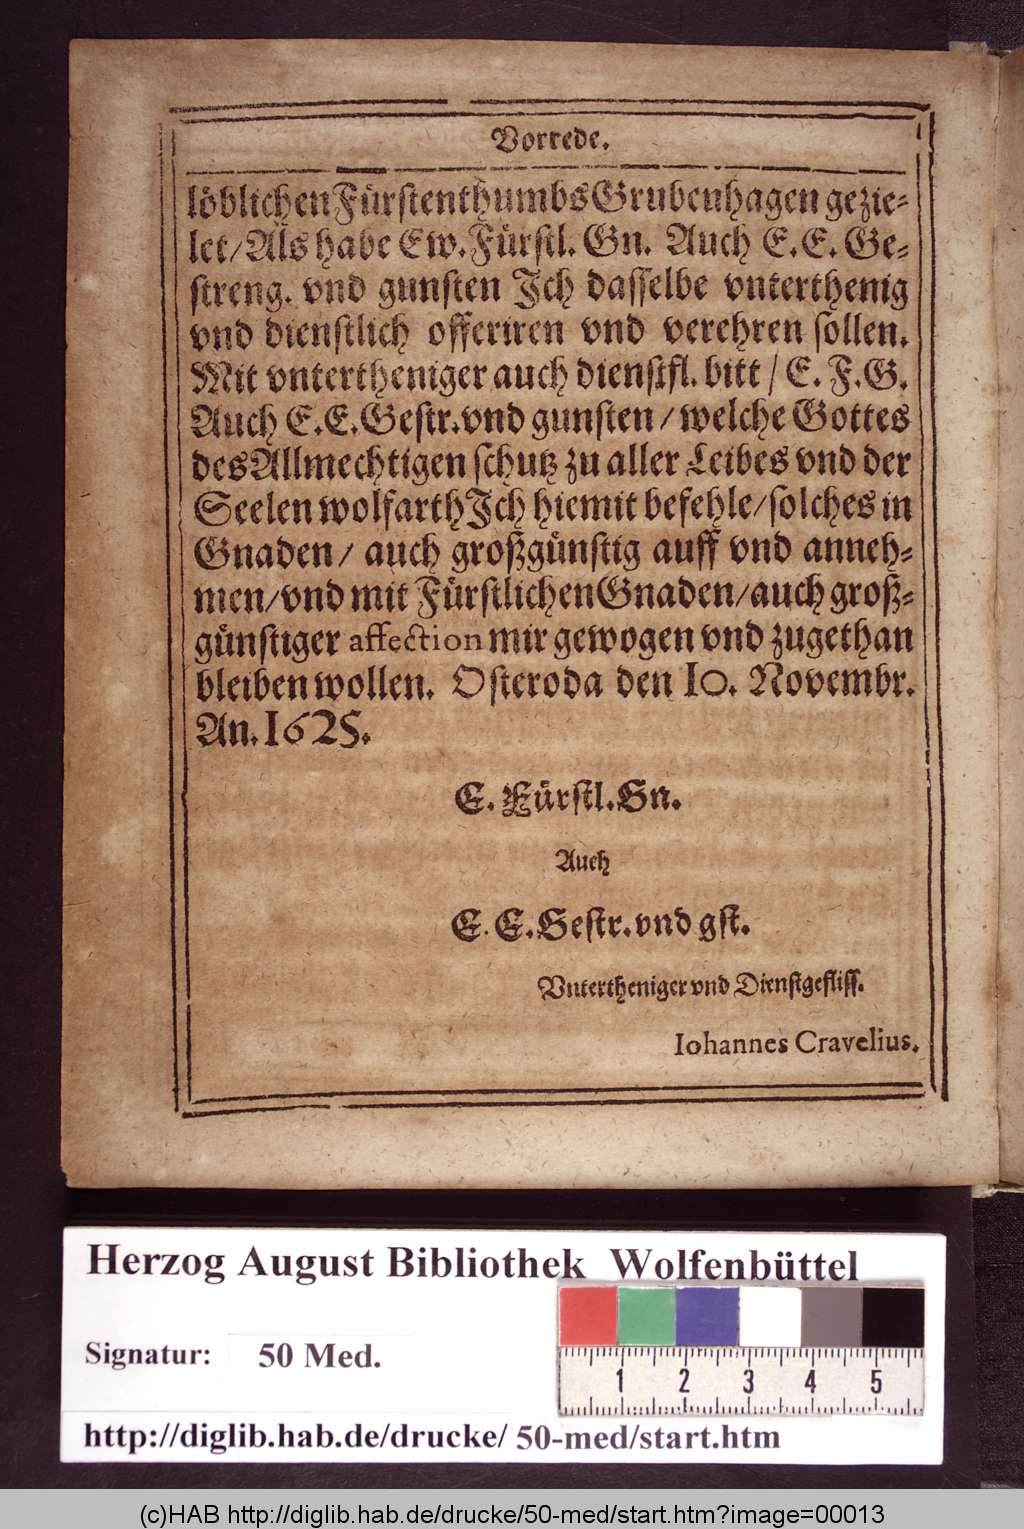 http://diglib.hab.de/drucke/50-med/00013.jpg